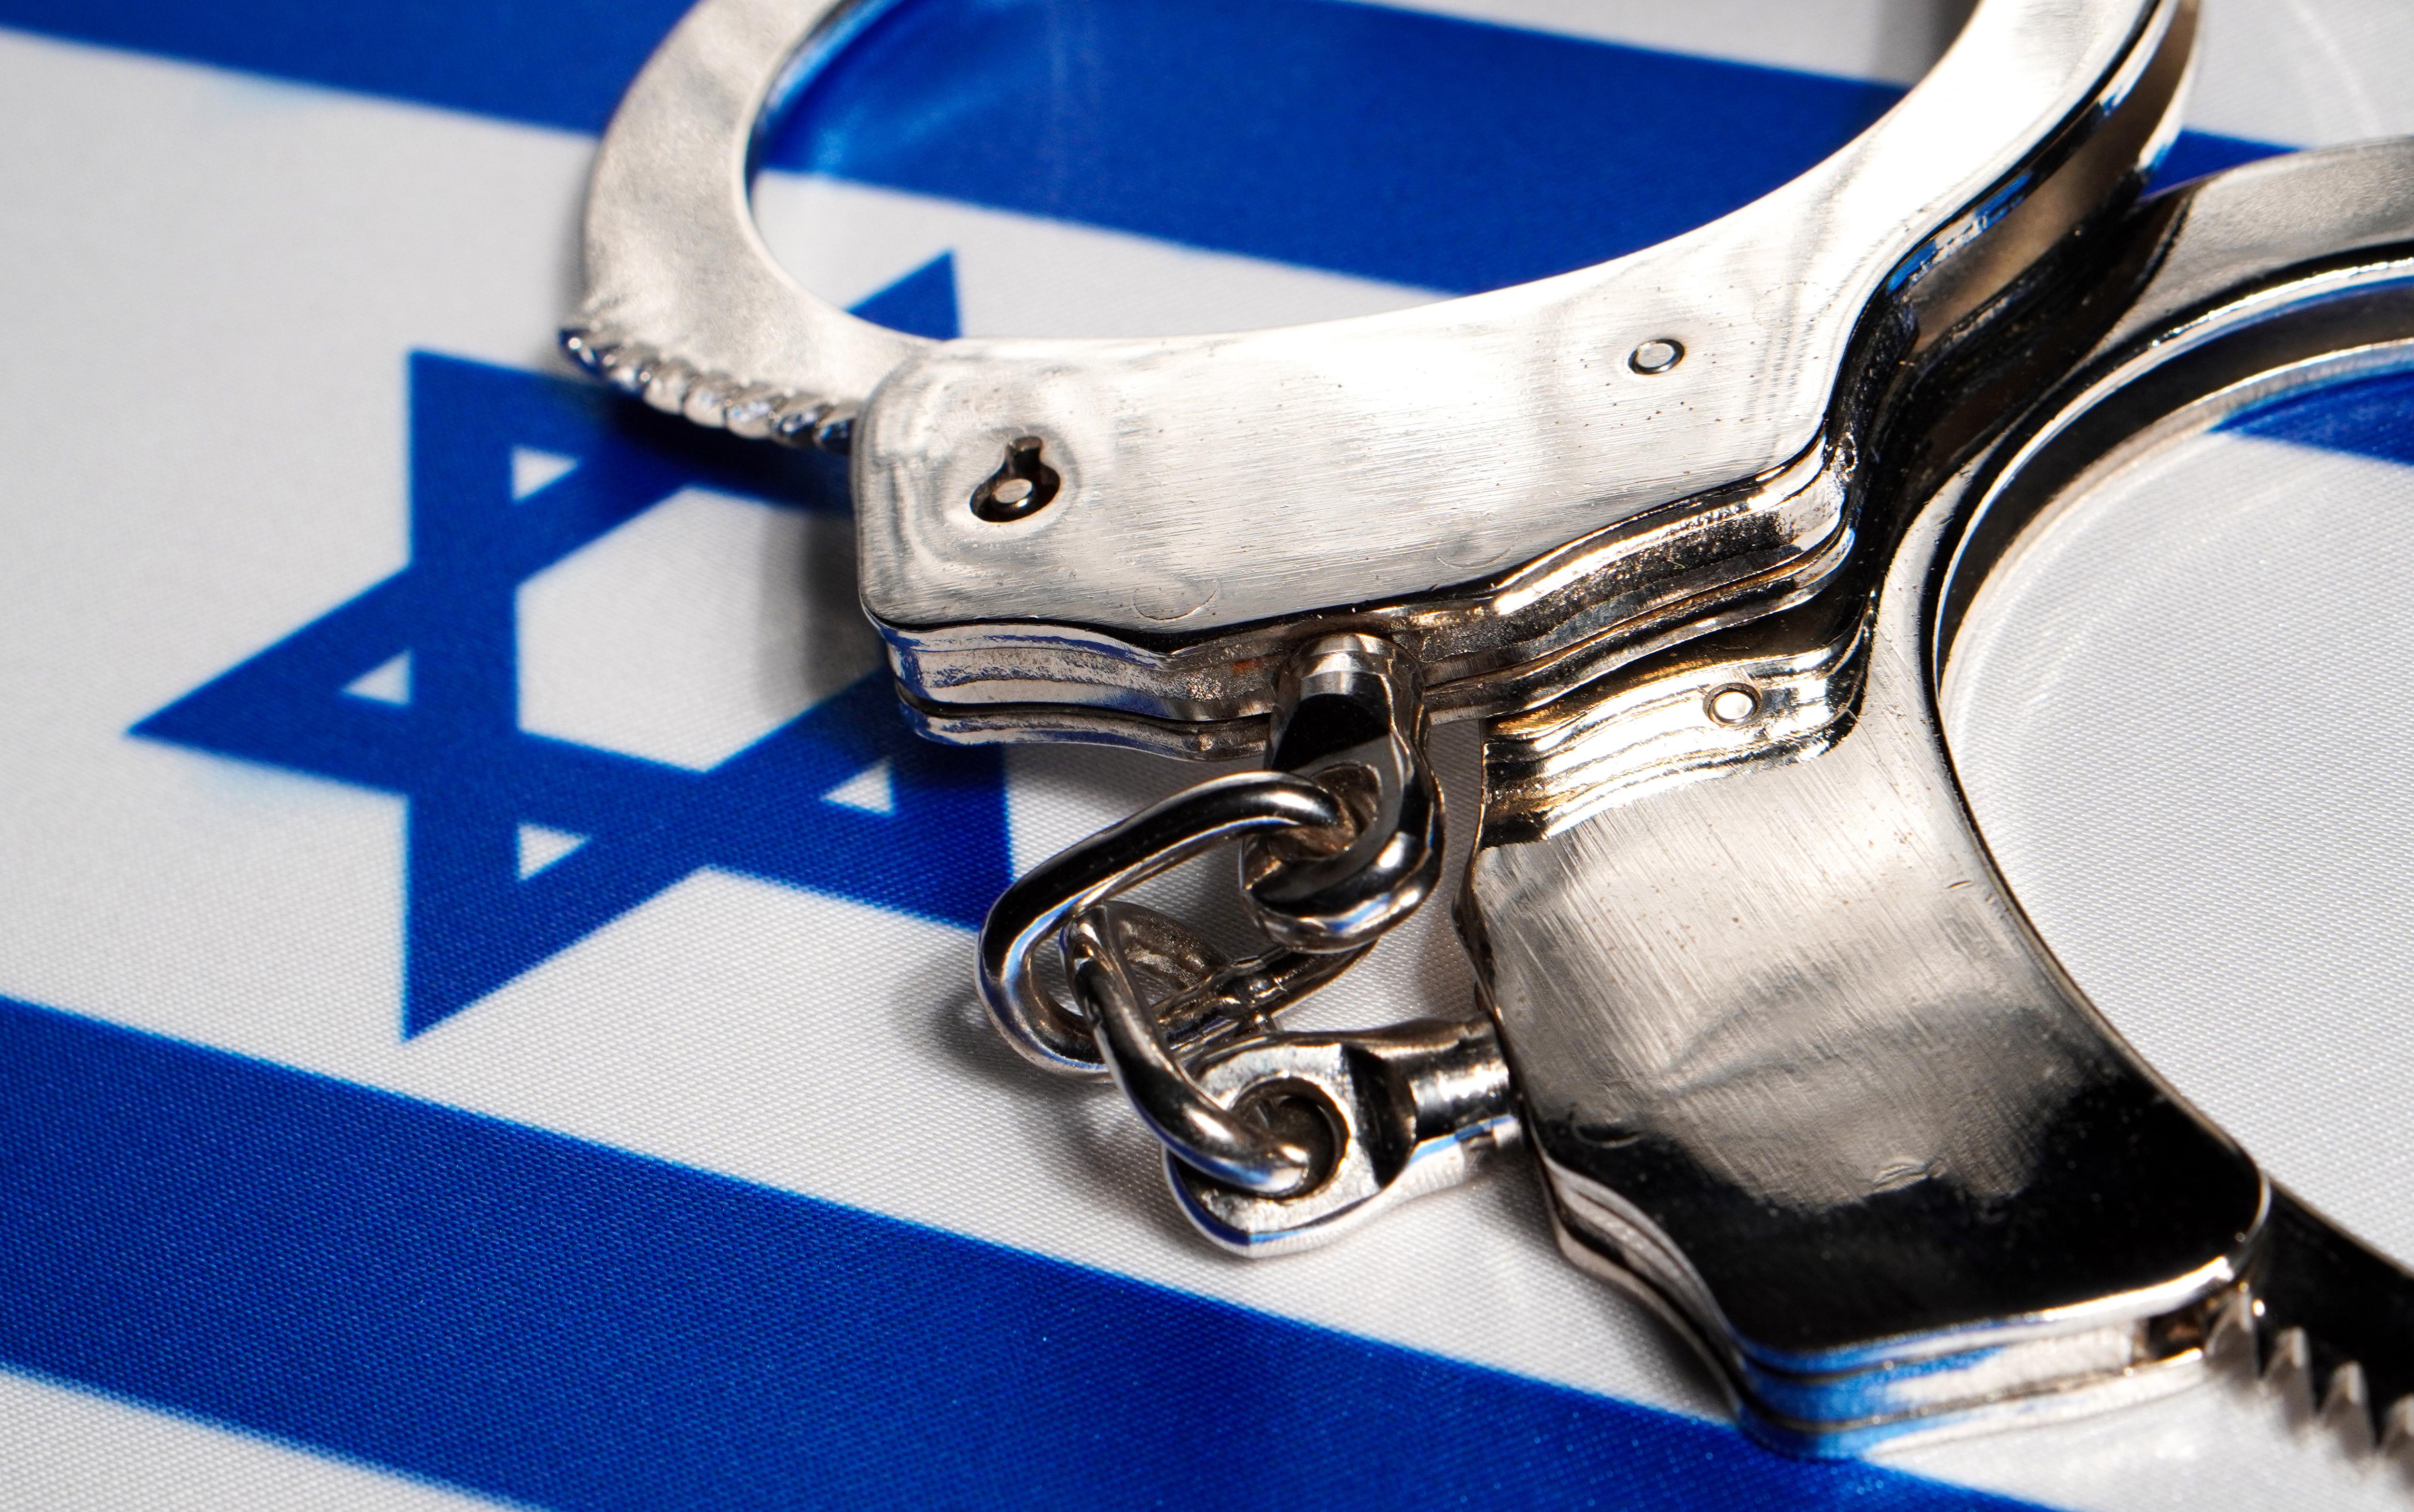 סגירת תיק פלילי לעורך דין שהואשם באיומים בסכין ותקיפה